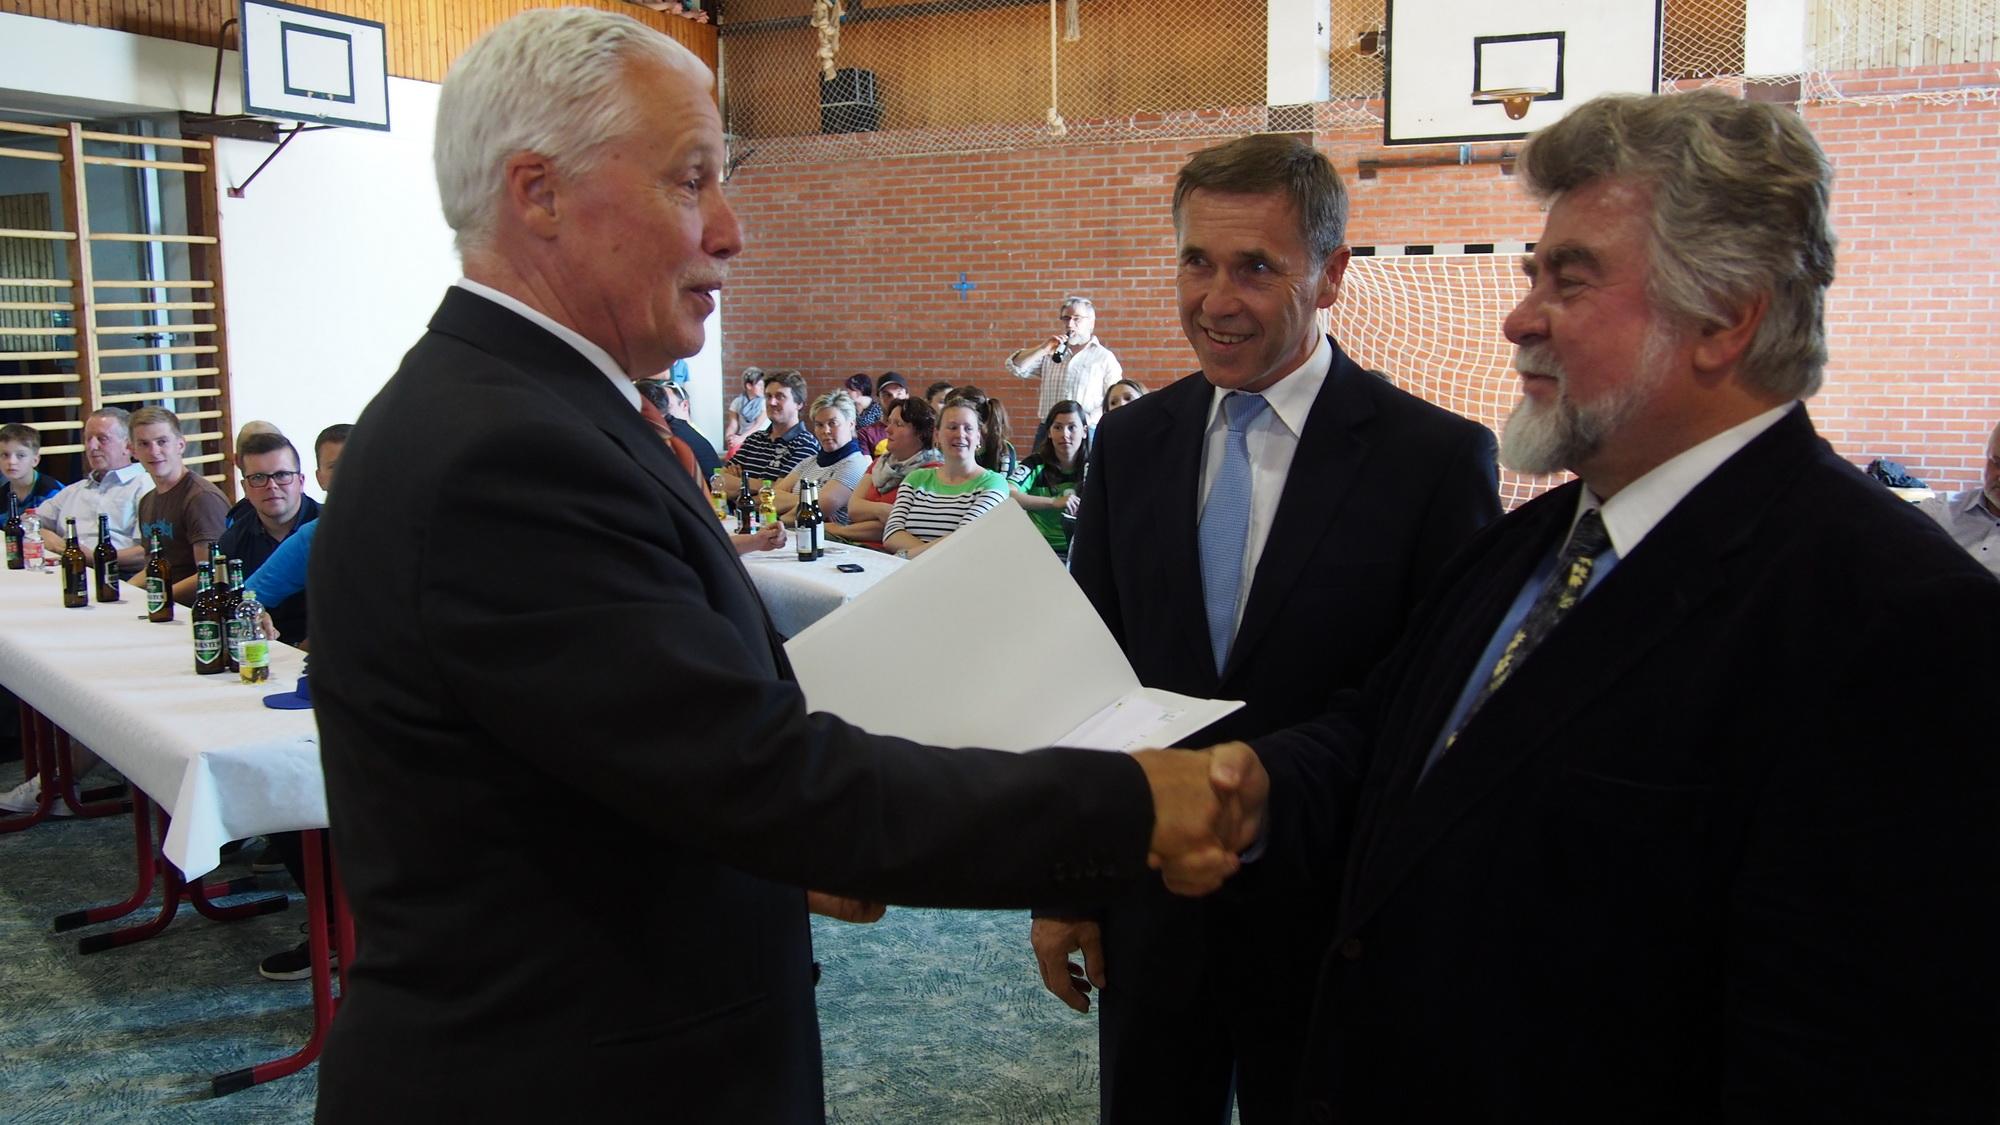 Staatssekretär Dr. Michael Wilhelm übergibt den Fördermittelbescheid über rund eine halbe Mio. Euro.